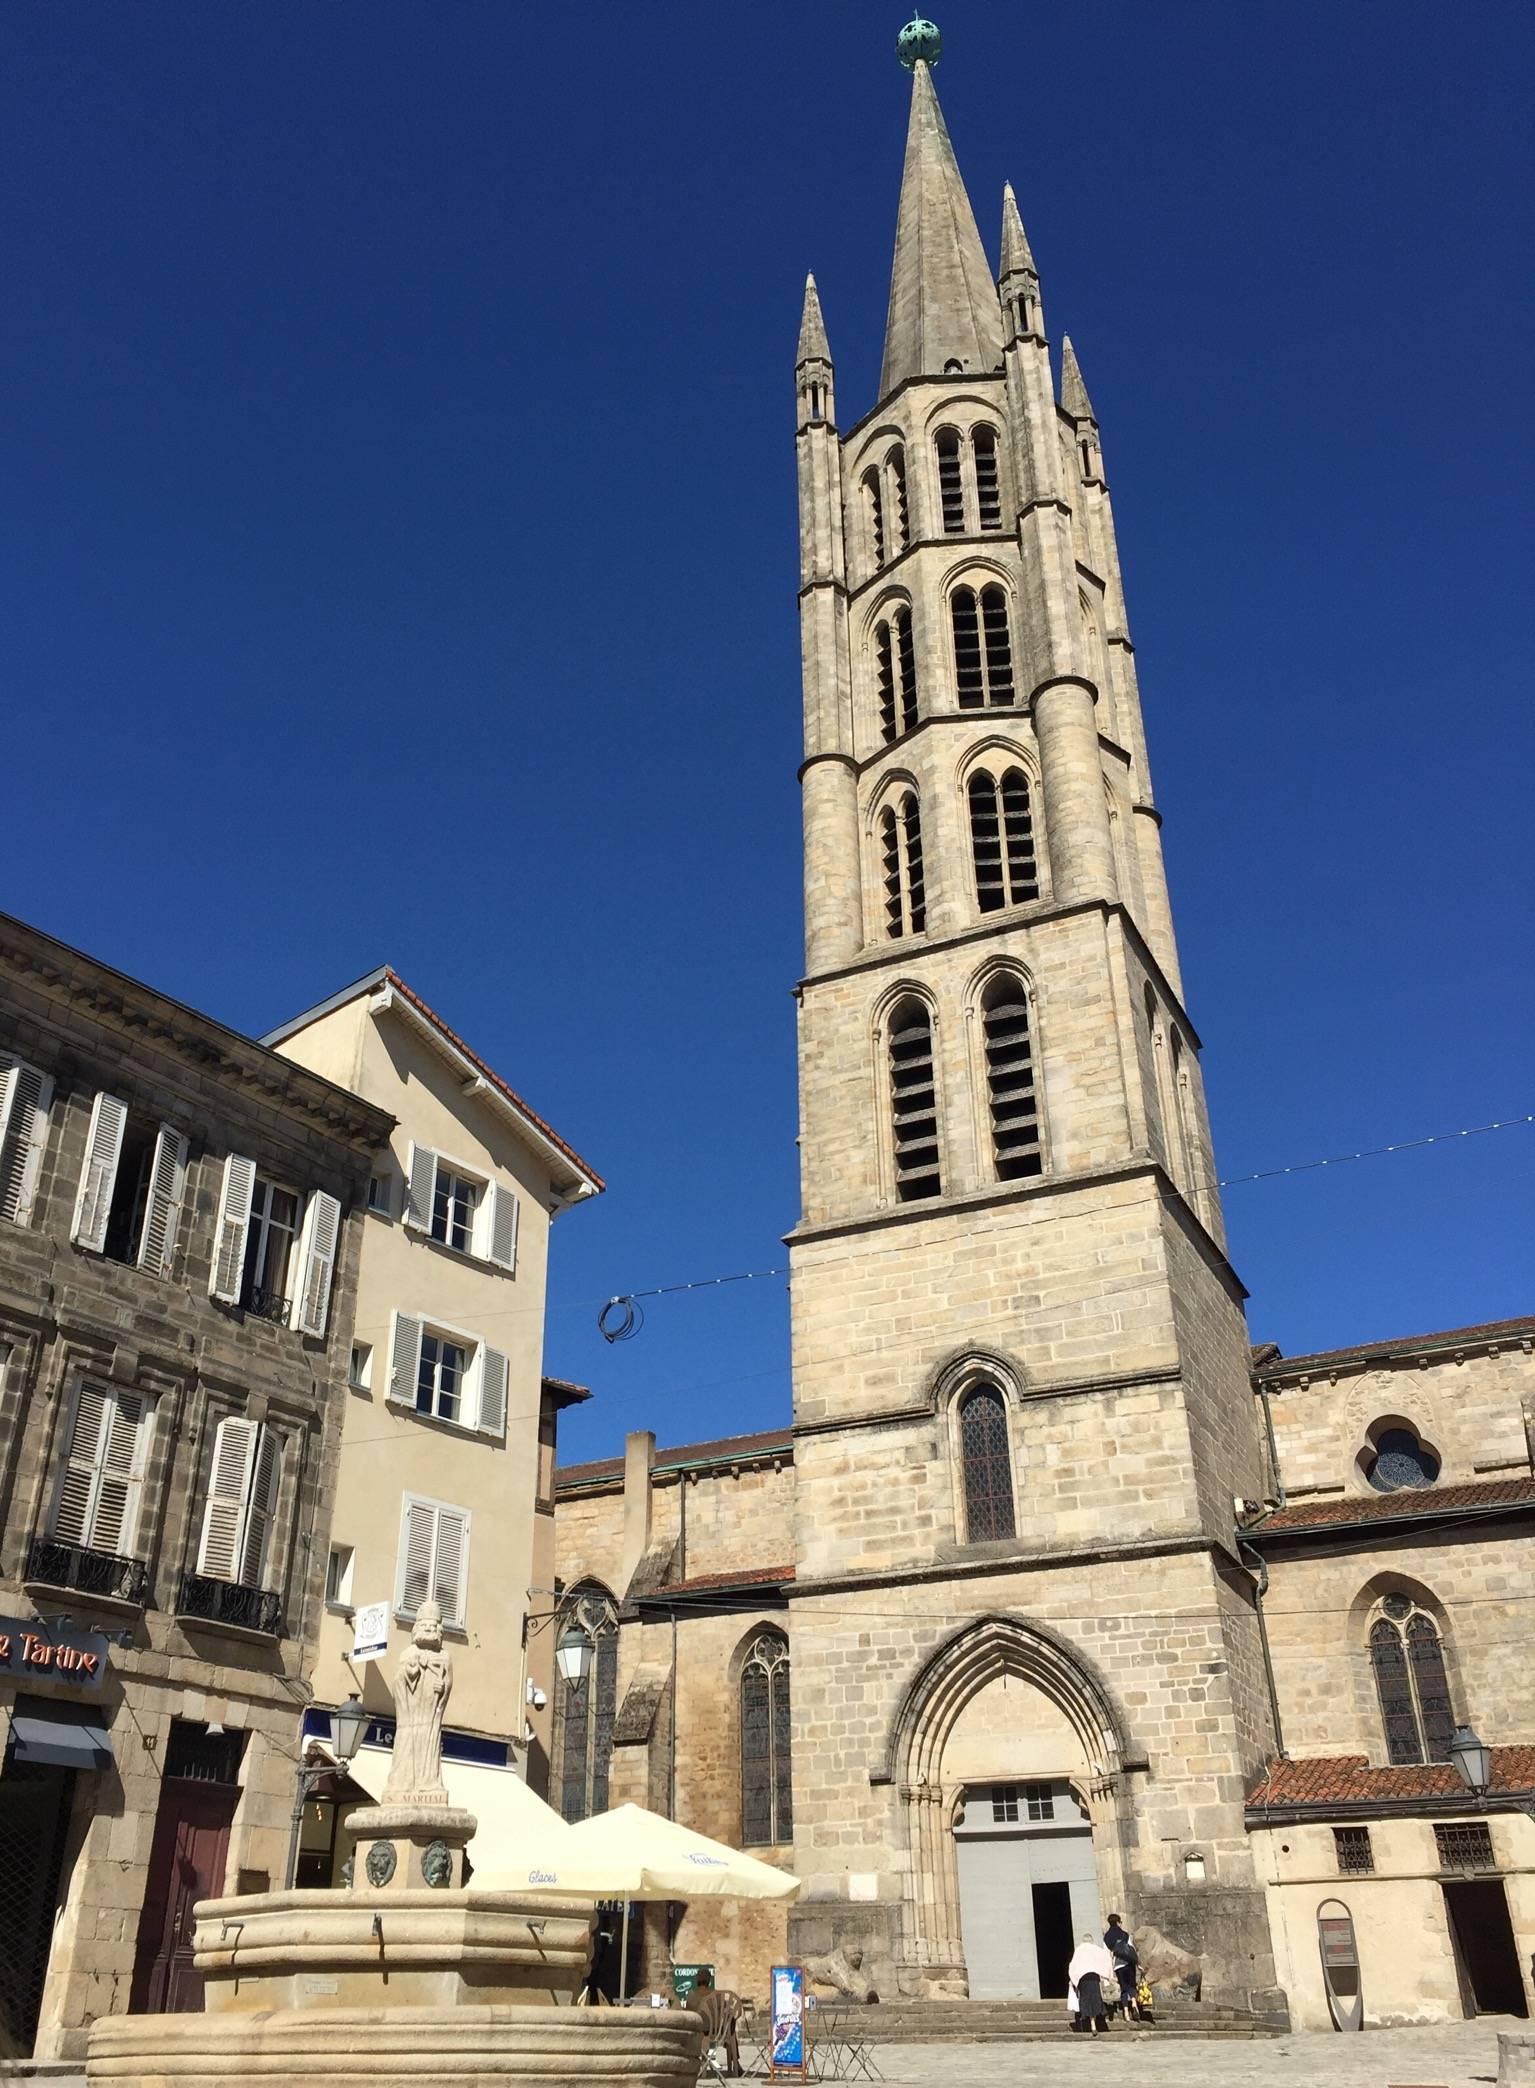 Photo 1: La place st Michel des lions!